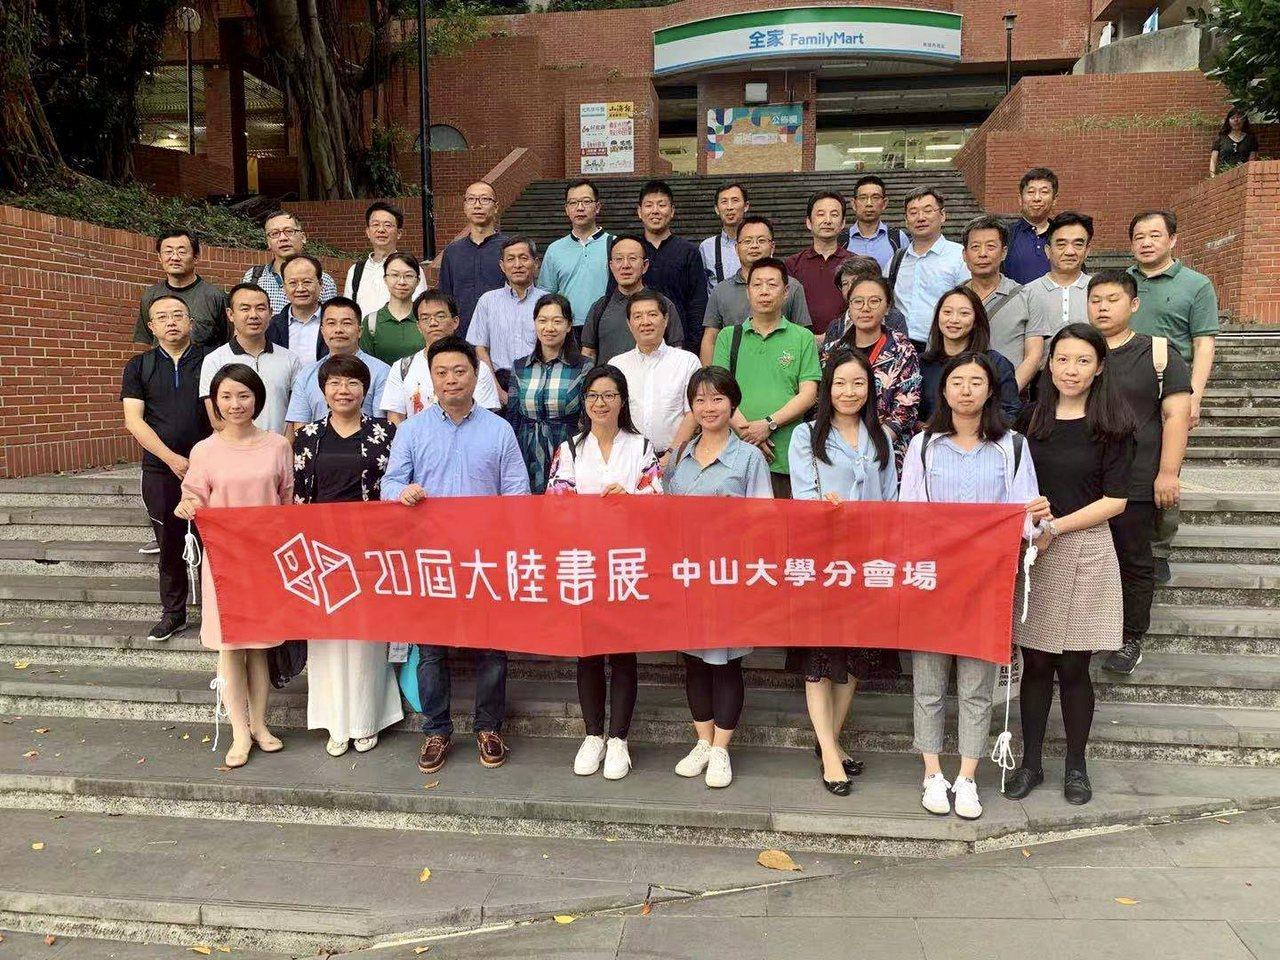 第20屆大陸書展,除主場在臺北的世新大學外,同時也在高雄中山大學麗文門市設立了分...